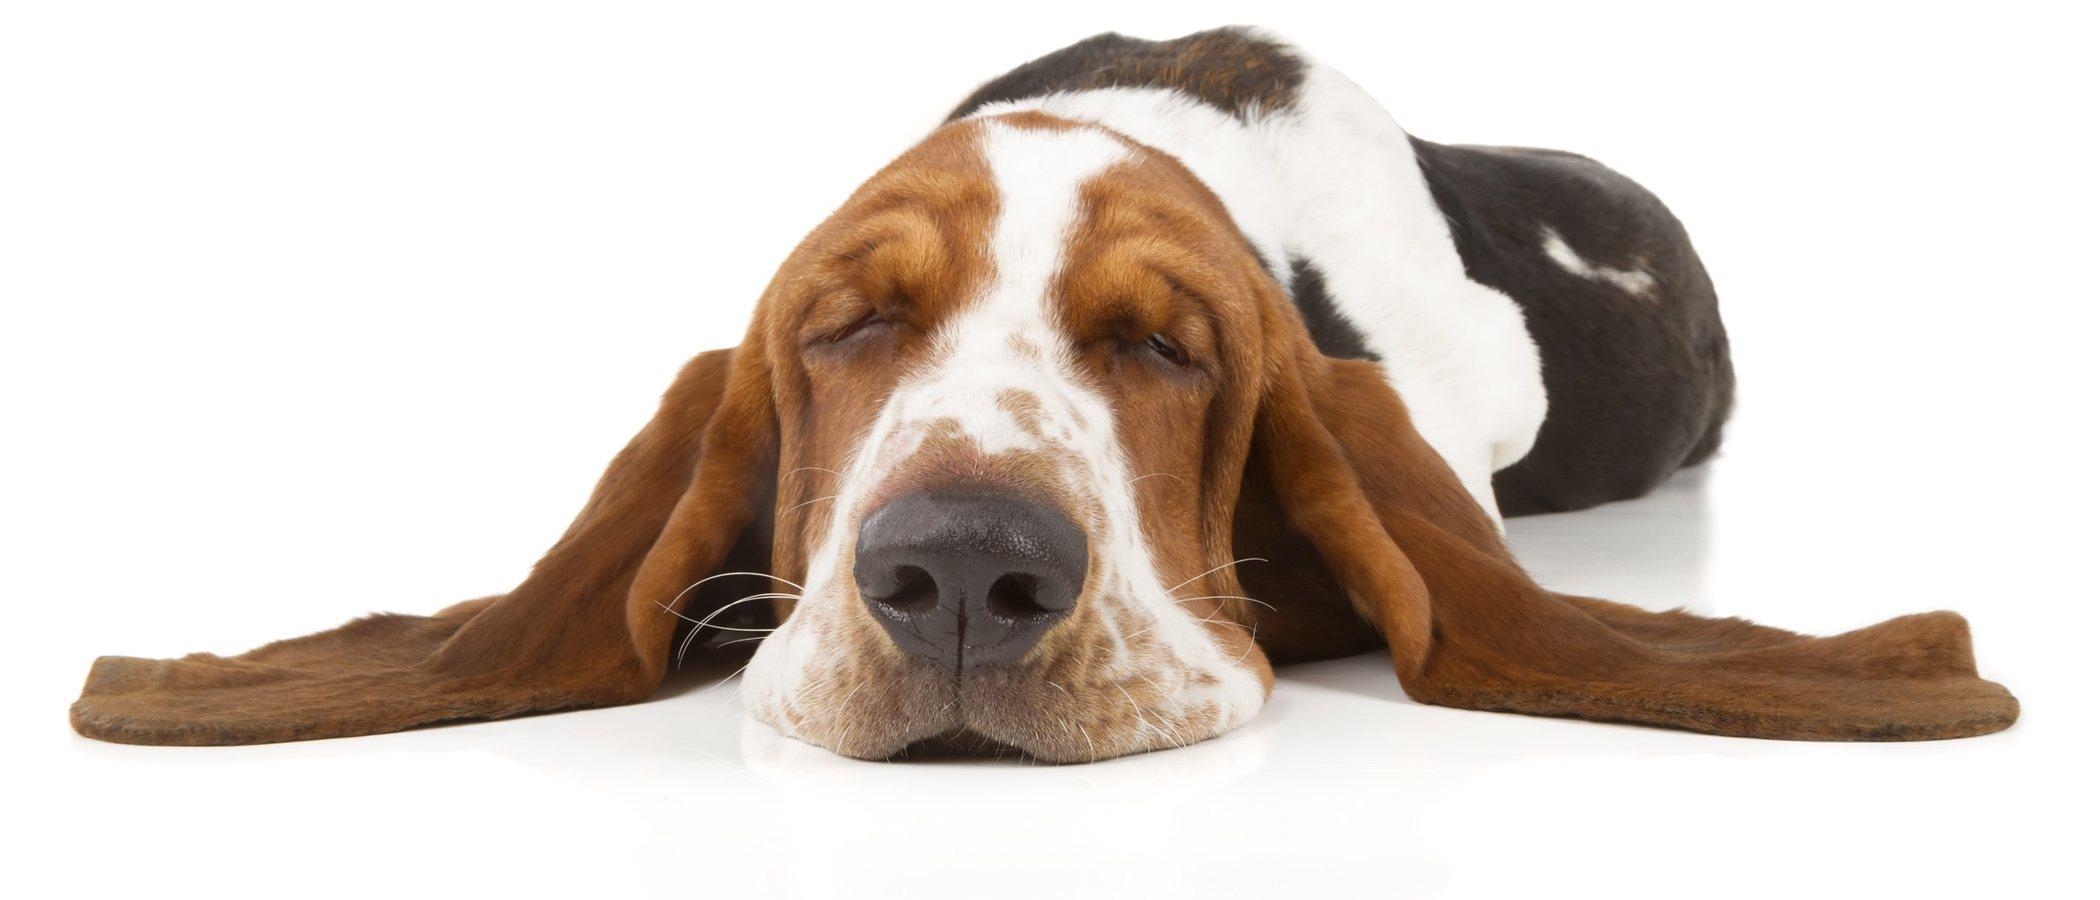 Razas de perro con las orejas grandes